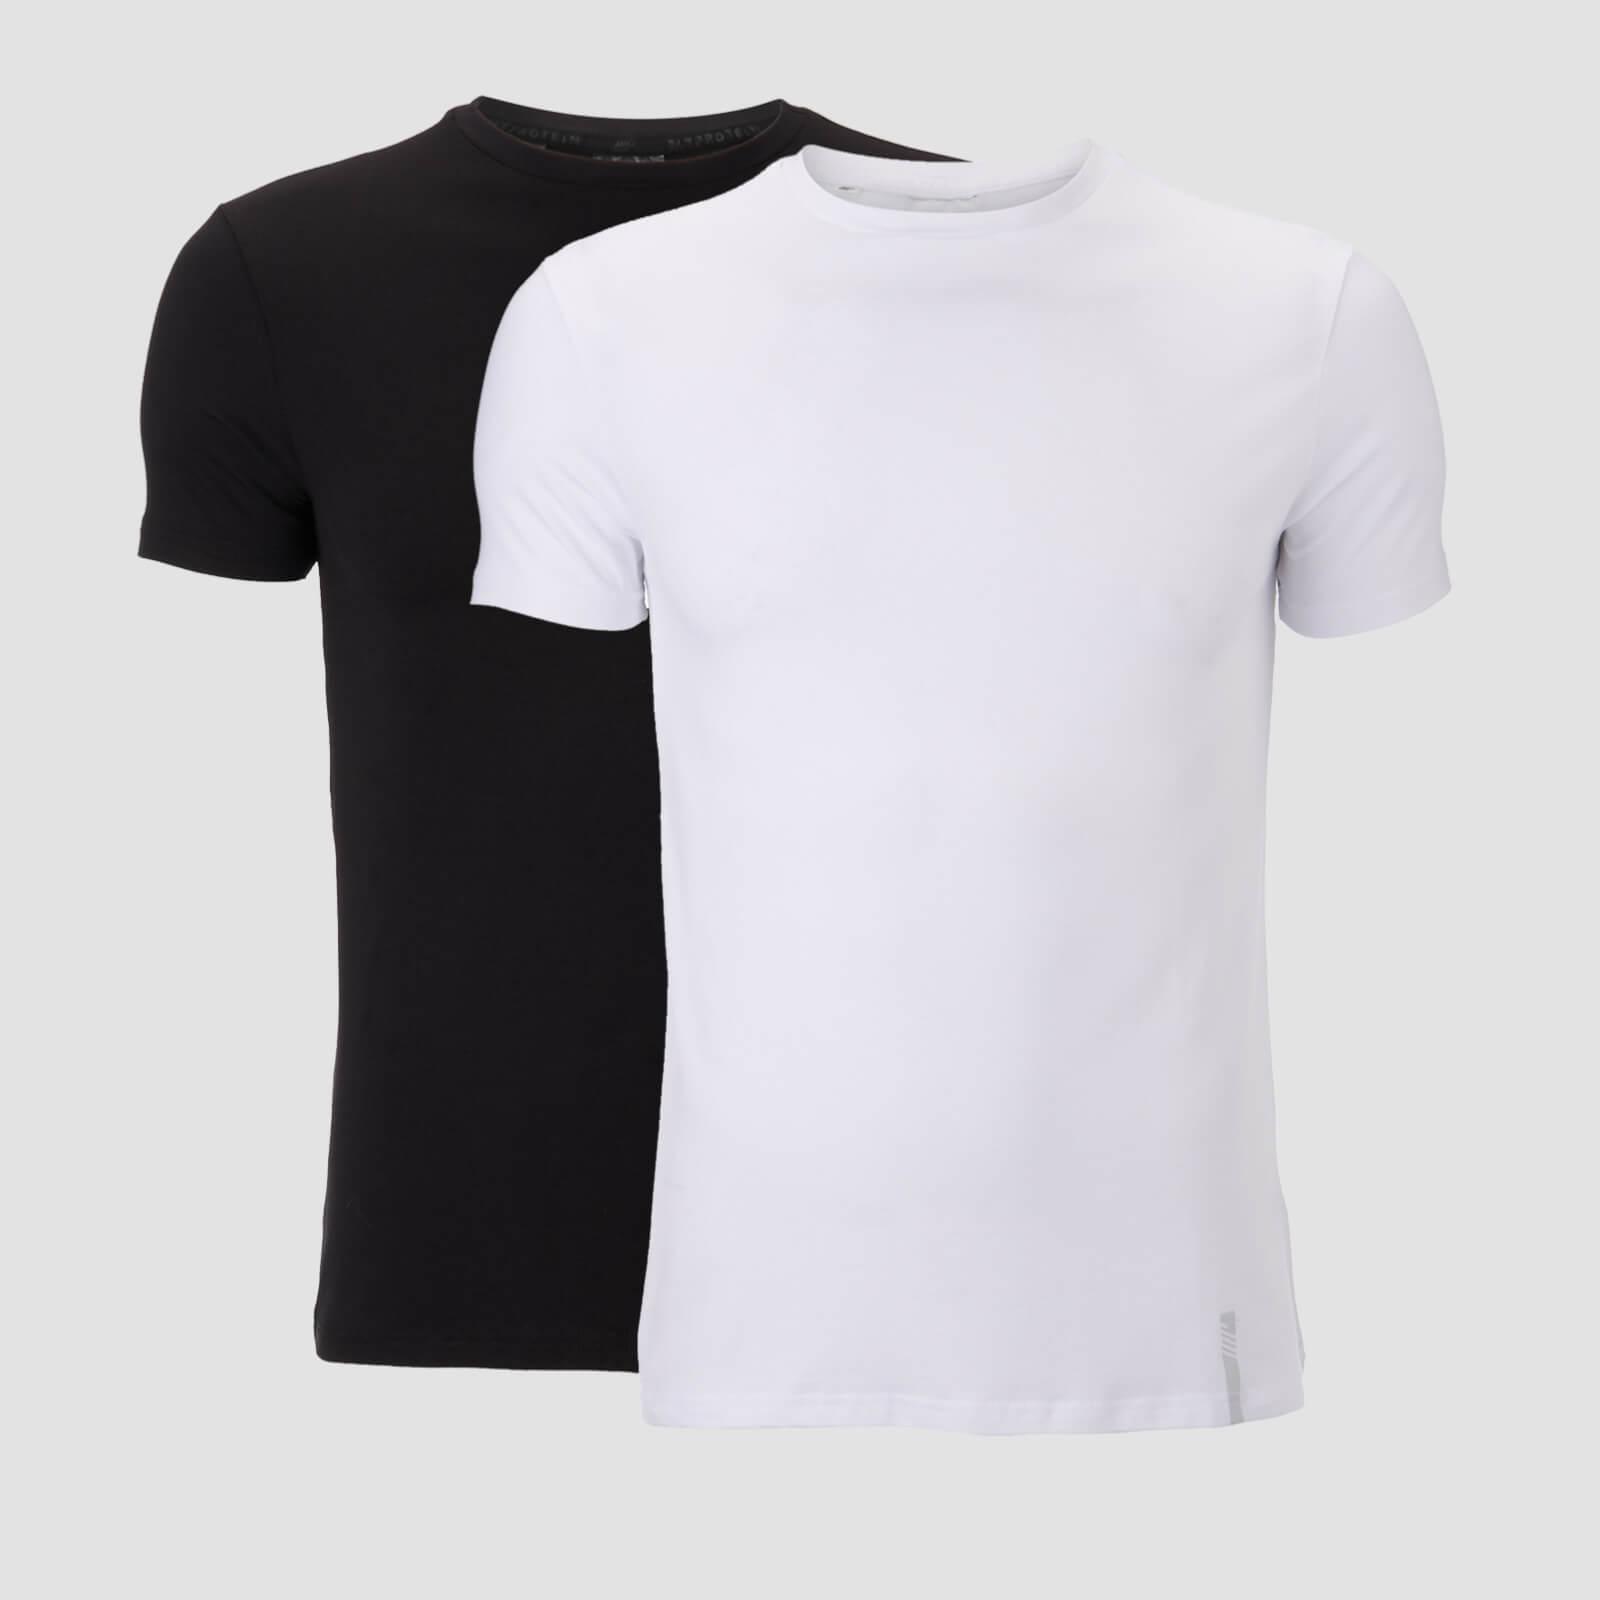 Myprotein Luxe Classic Crew T-Paita (2 Pack) - Musta/Valkoinen - XL